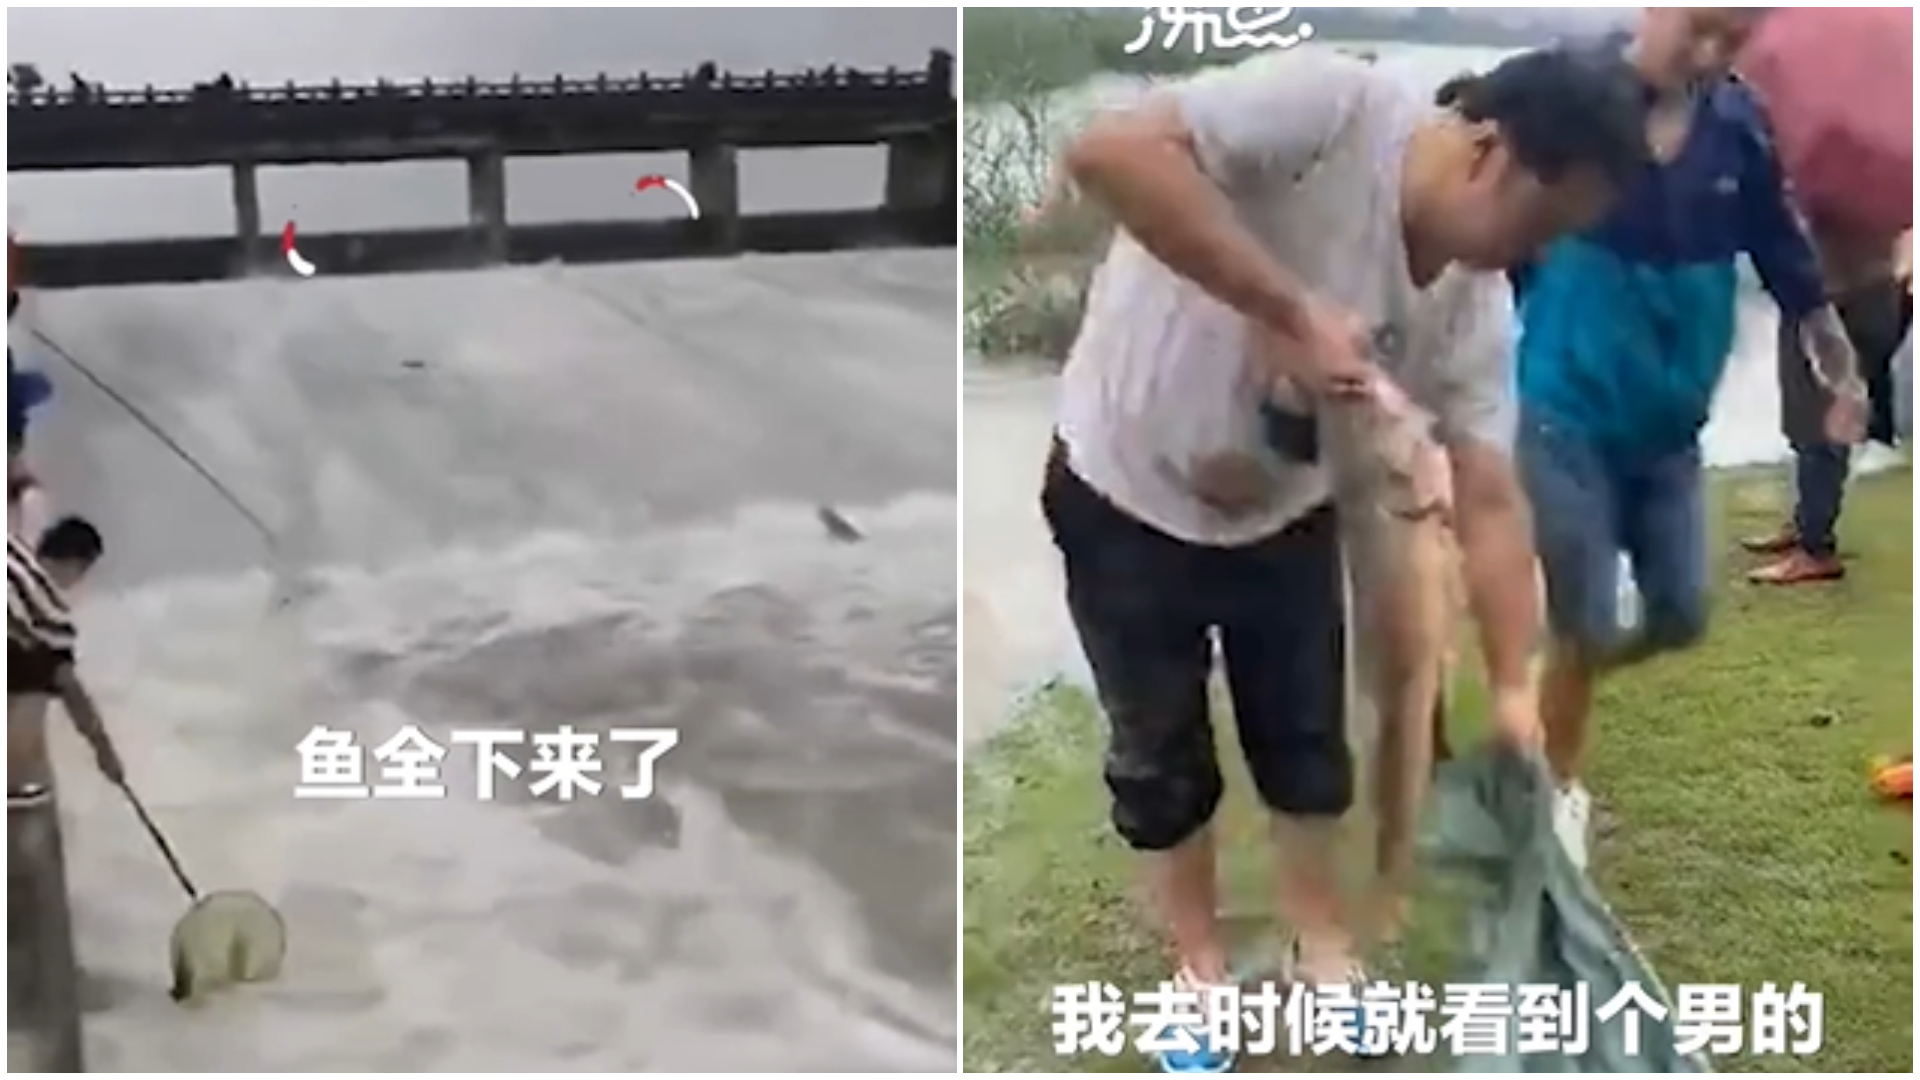 上百居民衝湖裡撈魚。(圖/翻攝自微博) 暴雨毀家!居民不要命「衝湖撈魚」 目擊者看傻:至少百人